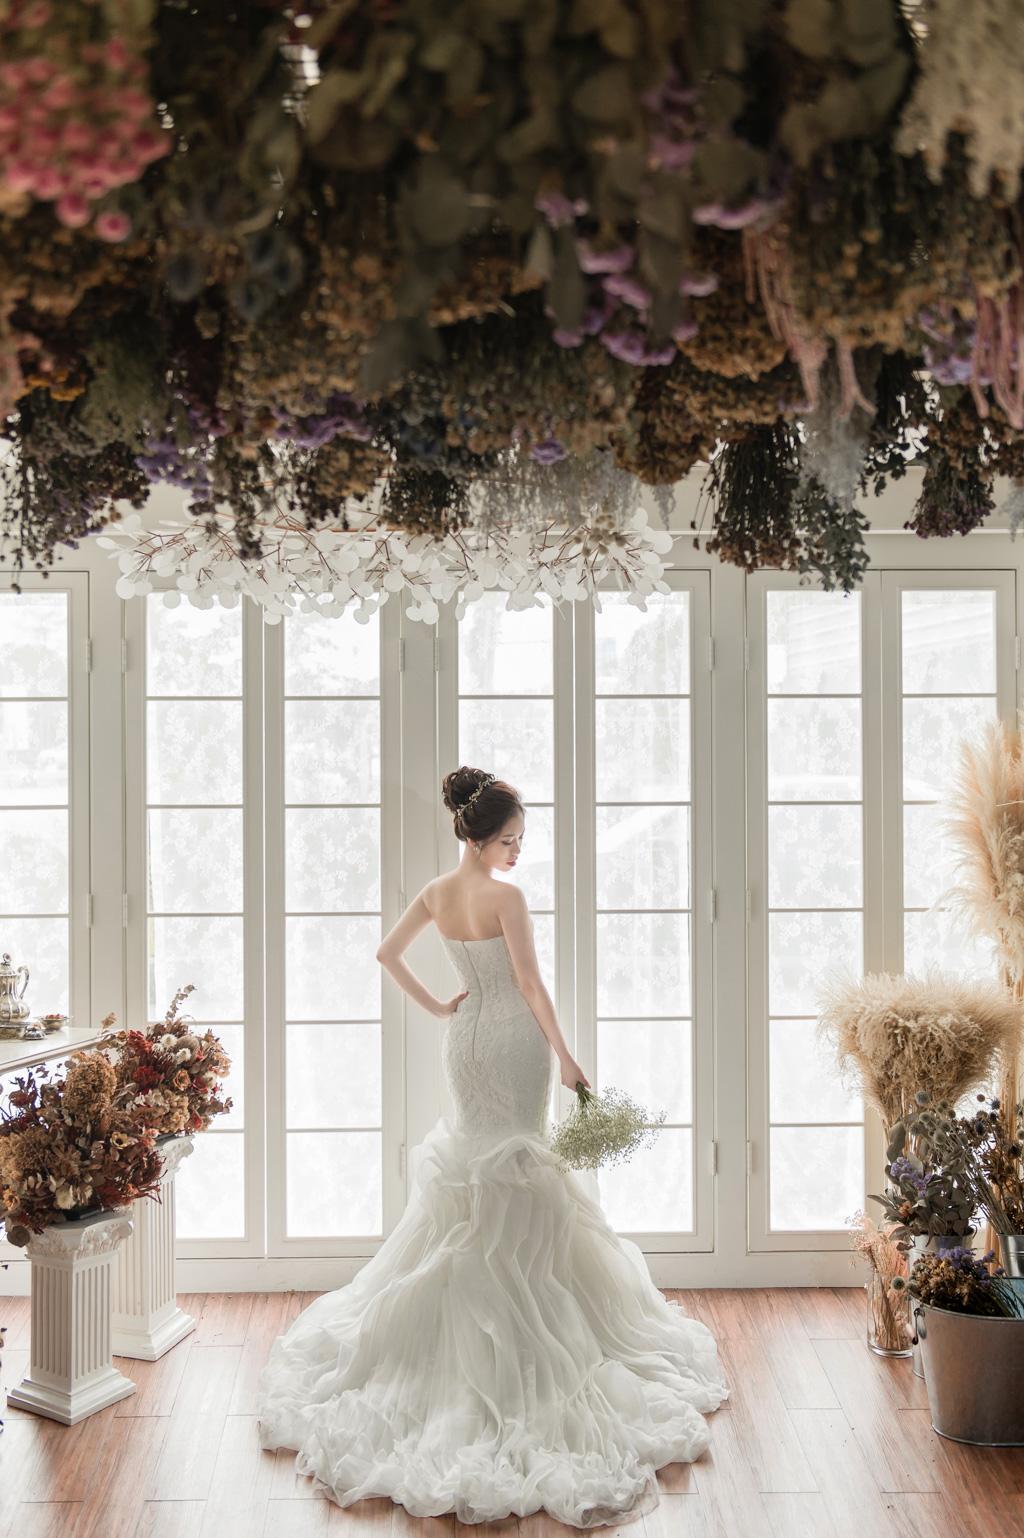 婚攝小勇, 小寶團隊, 藝紋, 自助婚紗, 婚禮紀錄, Cheri,台北婚紗,wedding day-010